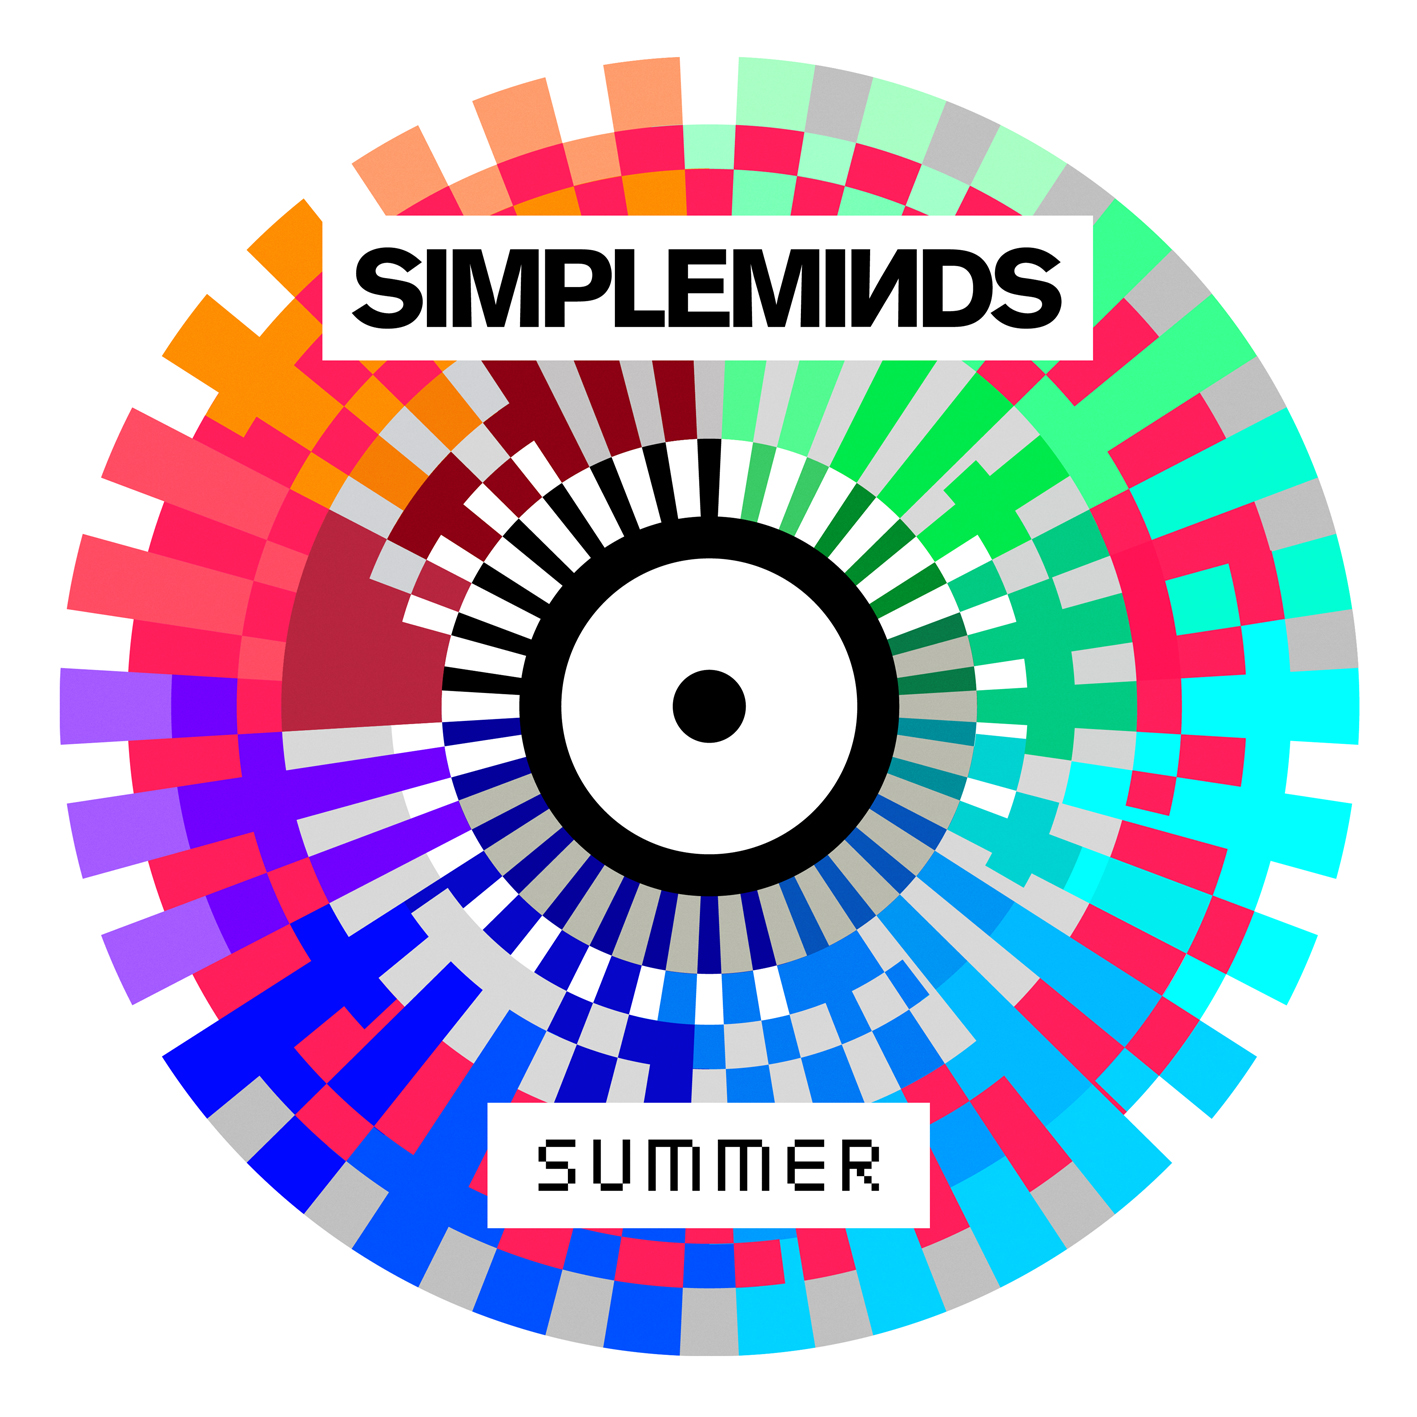 Summer_stu1